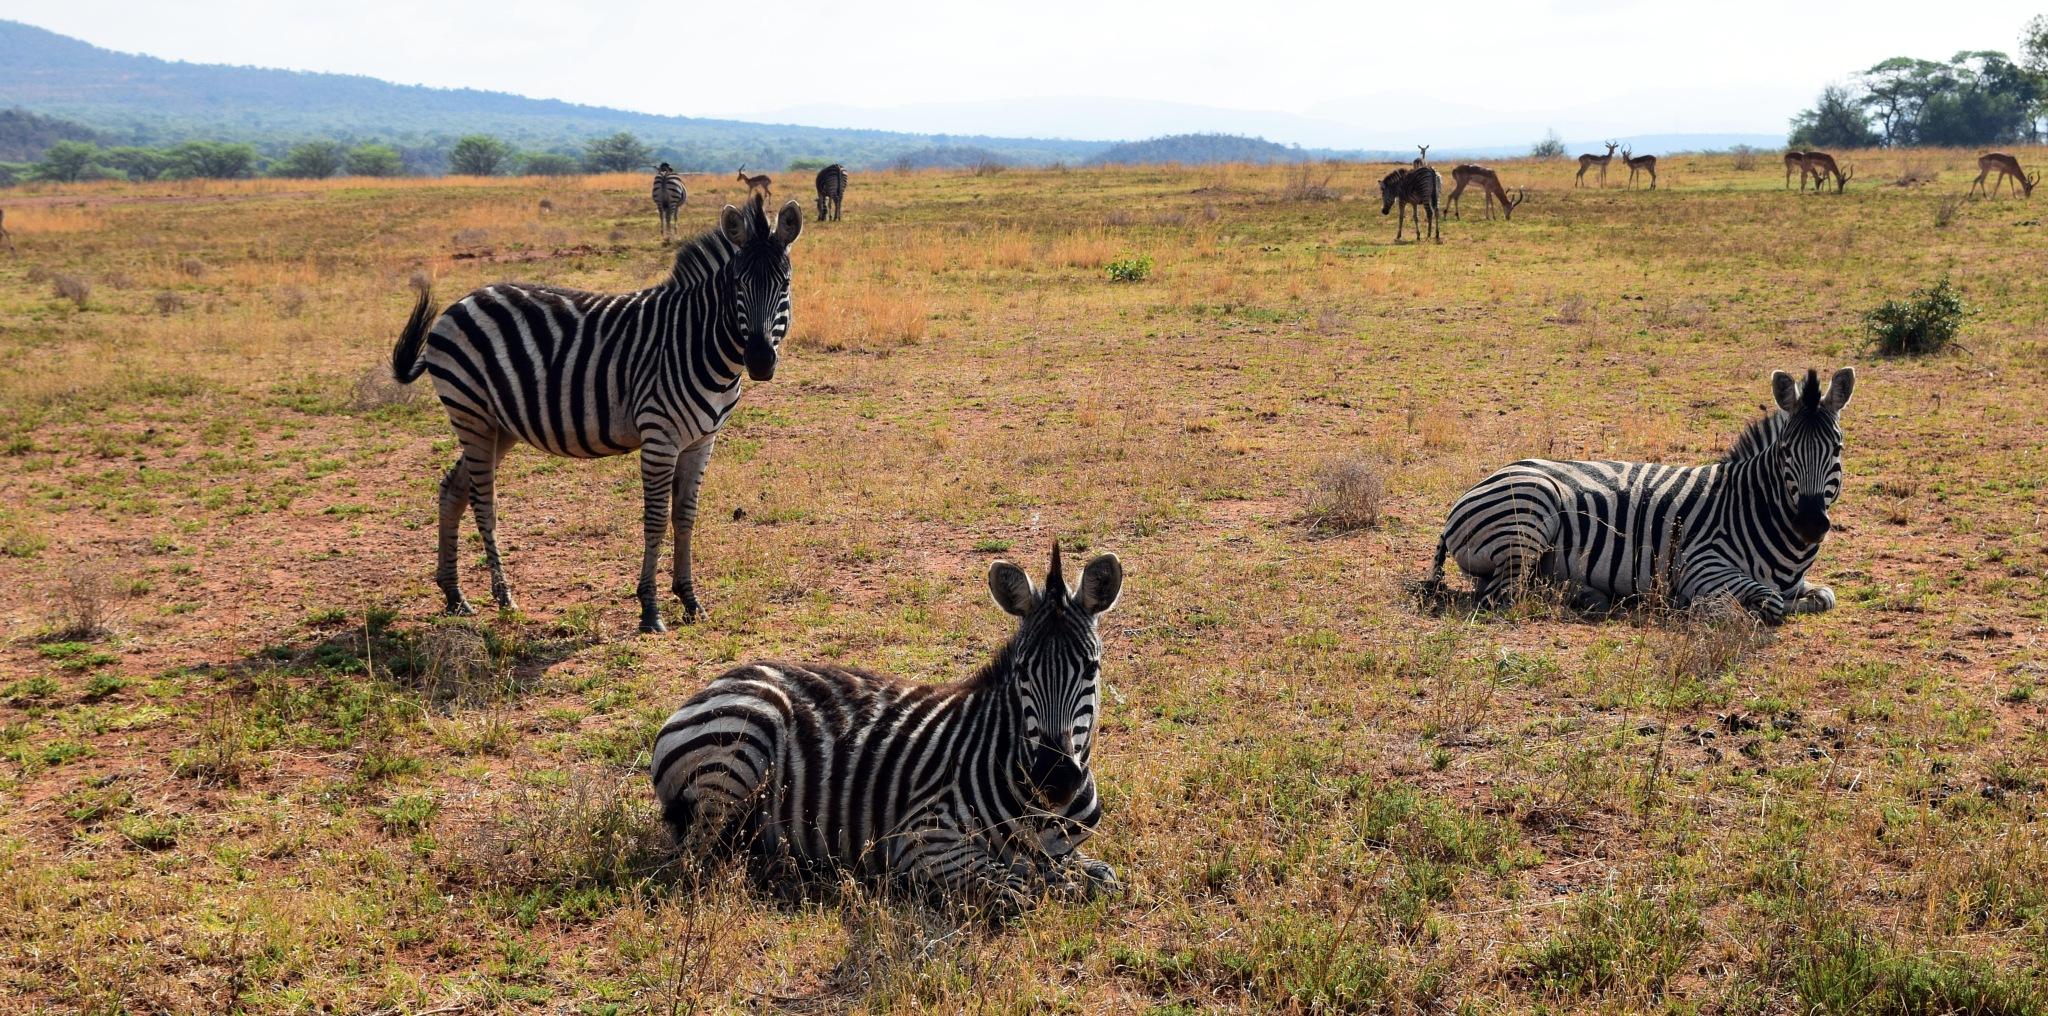 Siesta on savanna by Lars M.